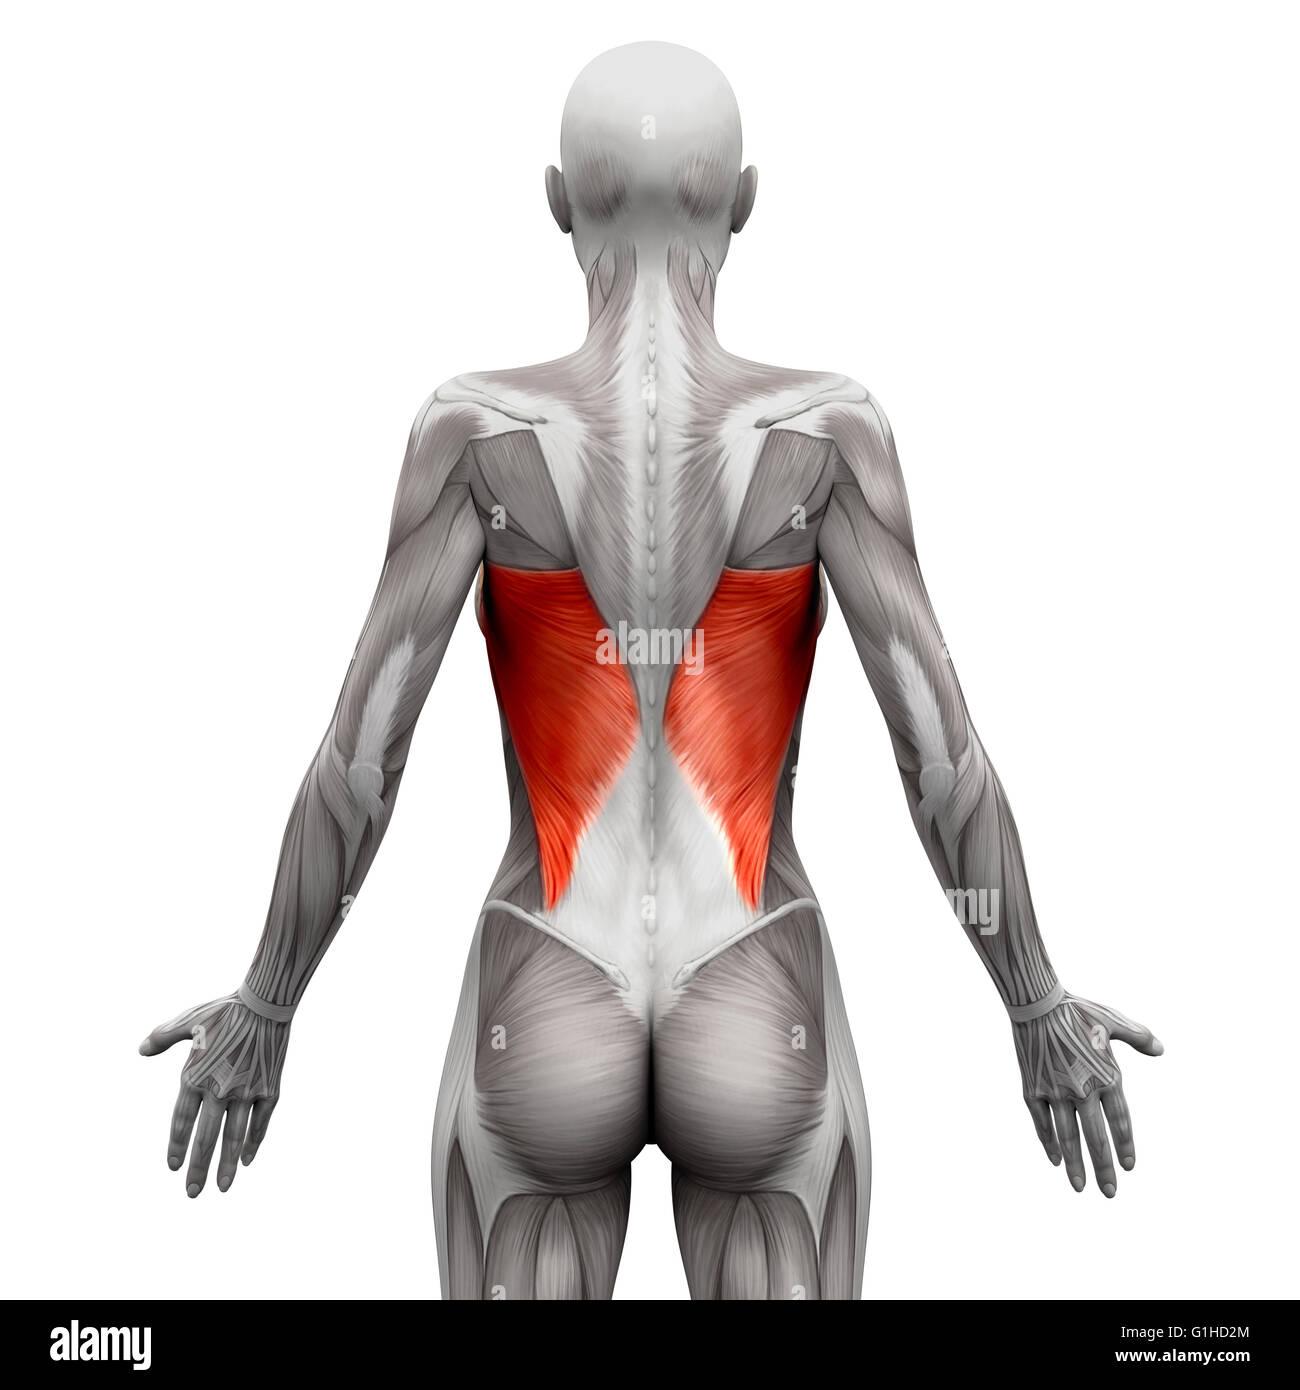 Latissimus Dorsi - isoliert Anatomie Muskeln auf weiss - 3D ...